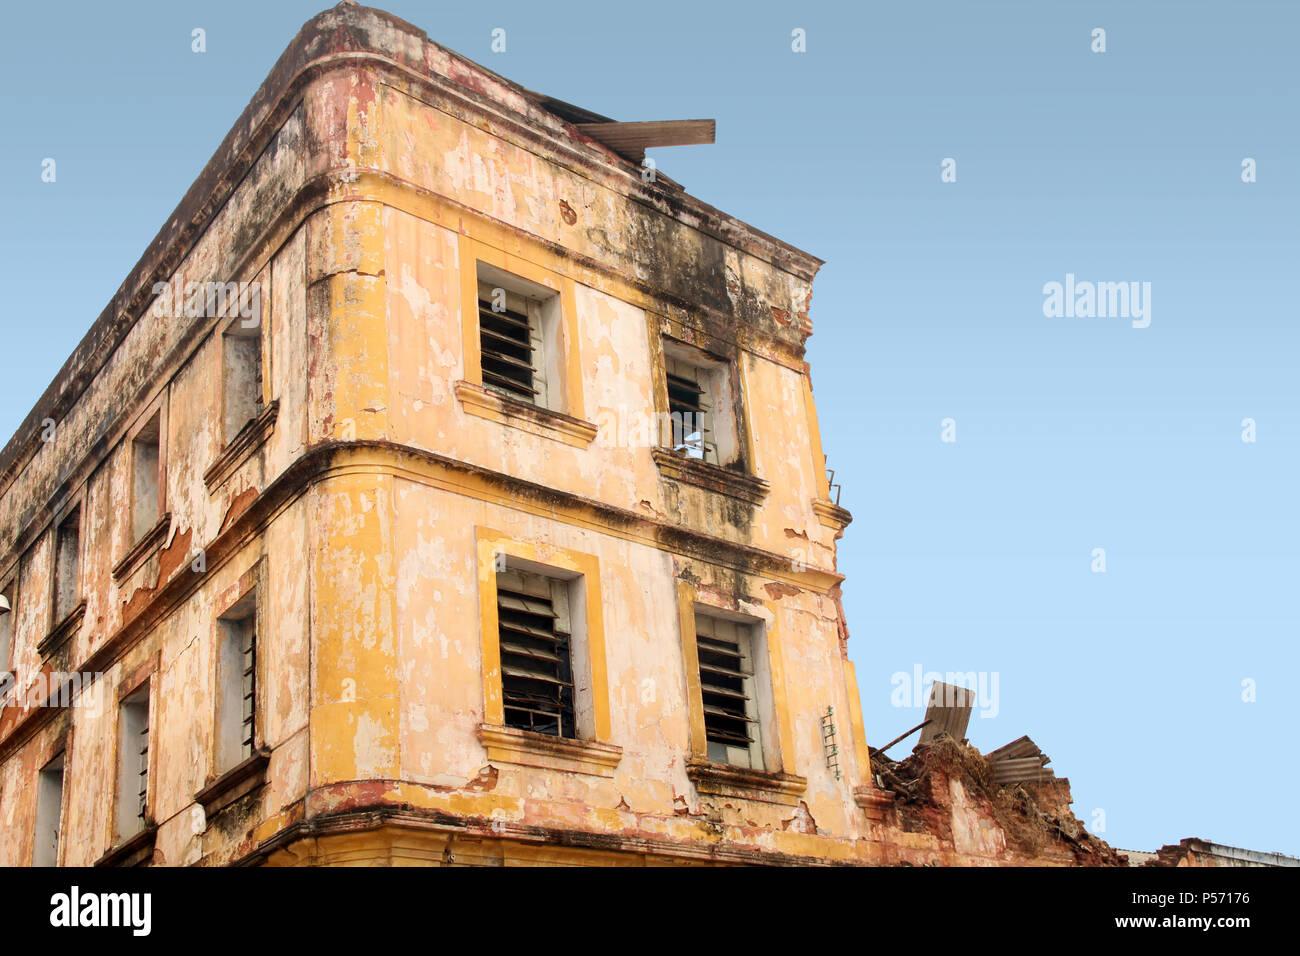 Old building, Historic center, Ribeira, Petrópolis, Natal, Rio Grande do Norte, Brazil - Stock Image